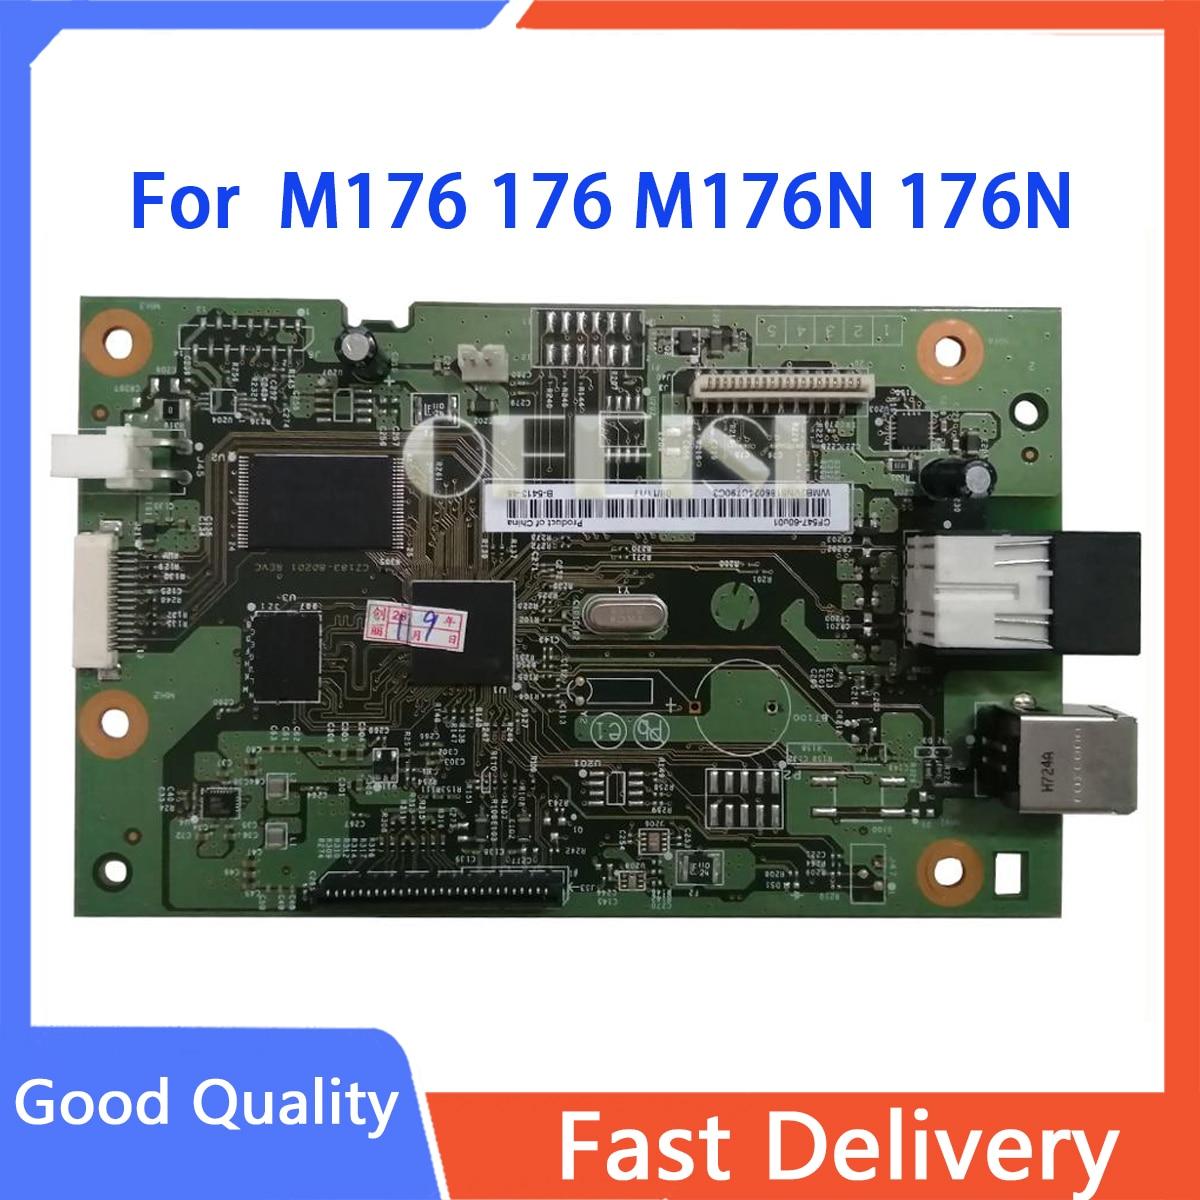 1 قطعة X الأصلي المنسق PCA آسى المنسق مجلس المنطق ل HP M176 176 M176N 176N CF547-60001 طابعة أجزاء